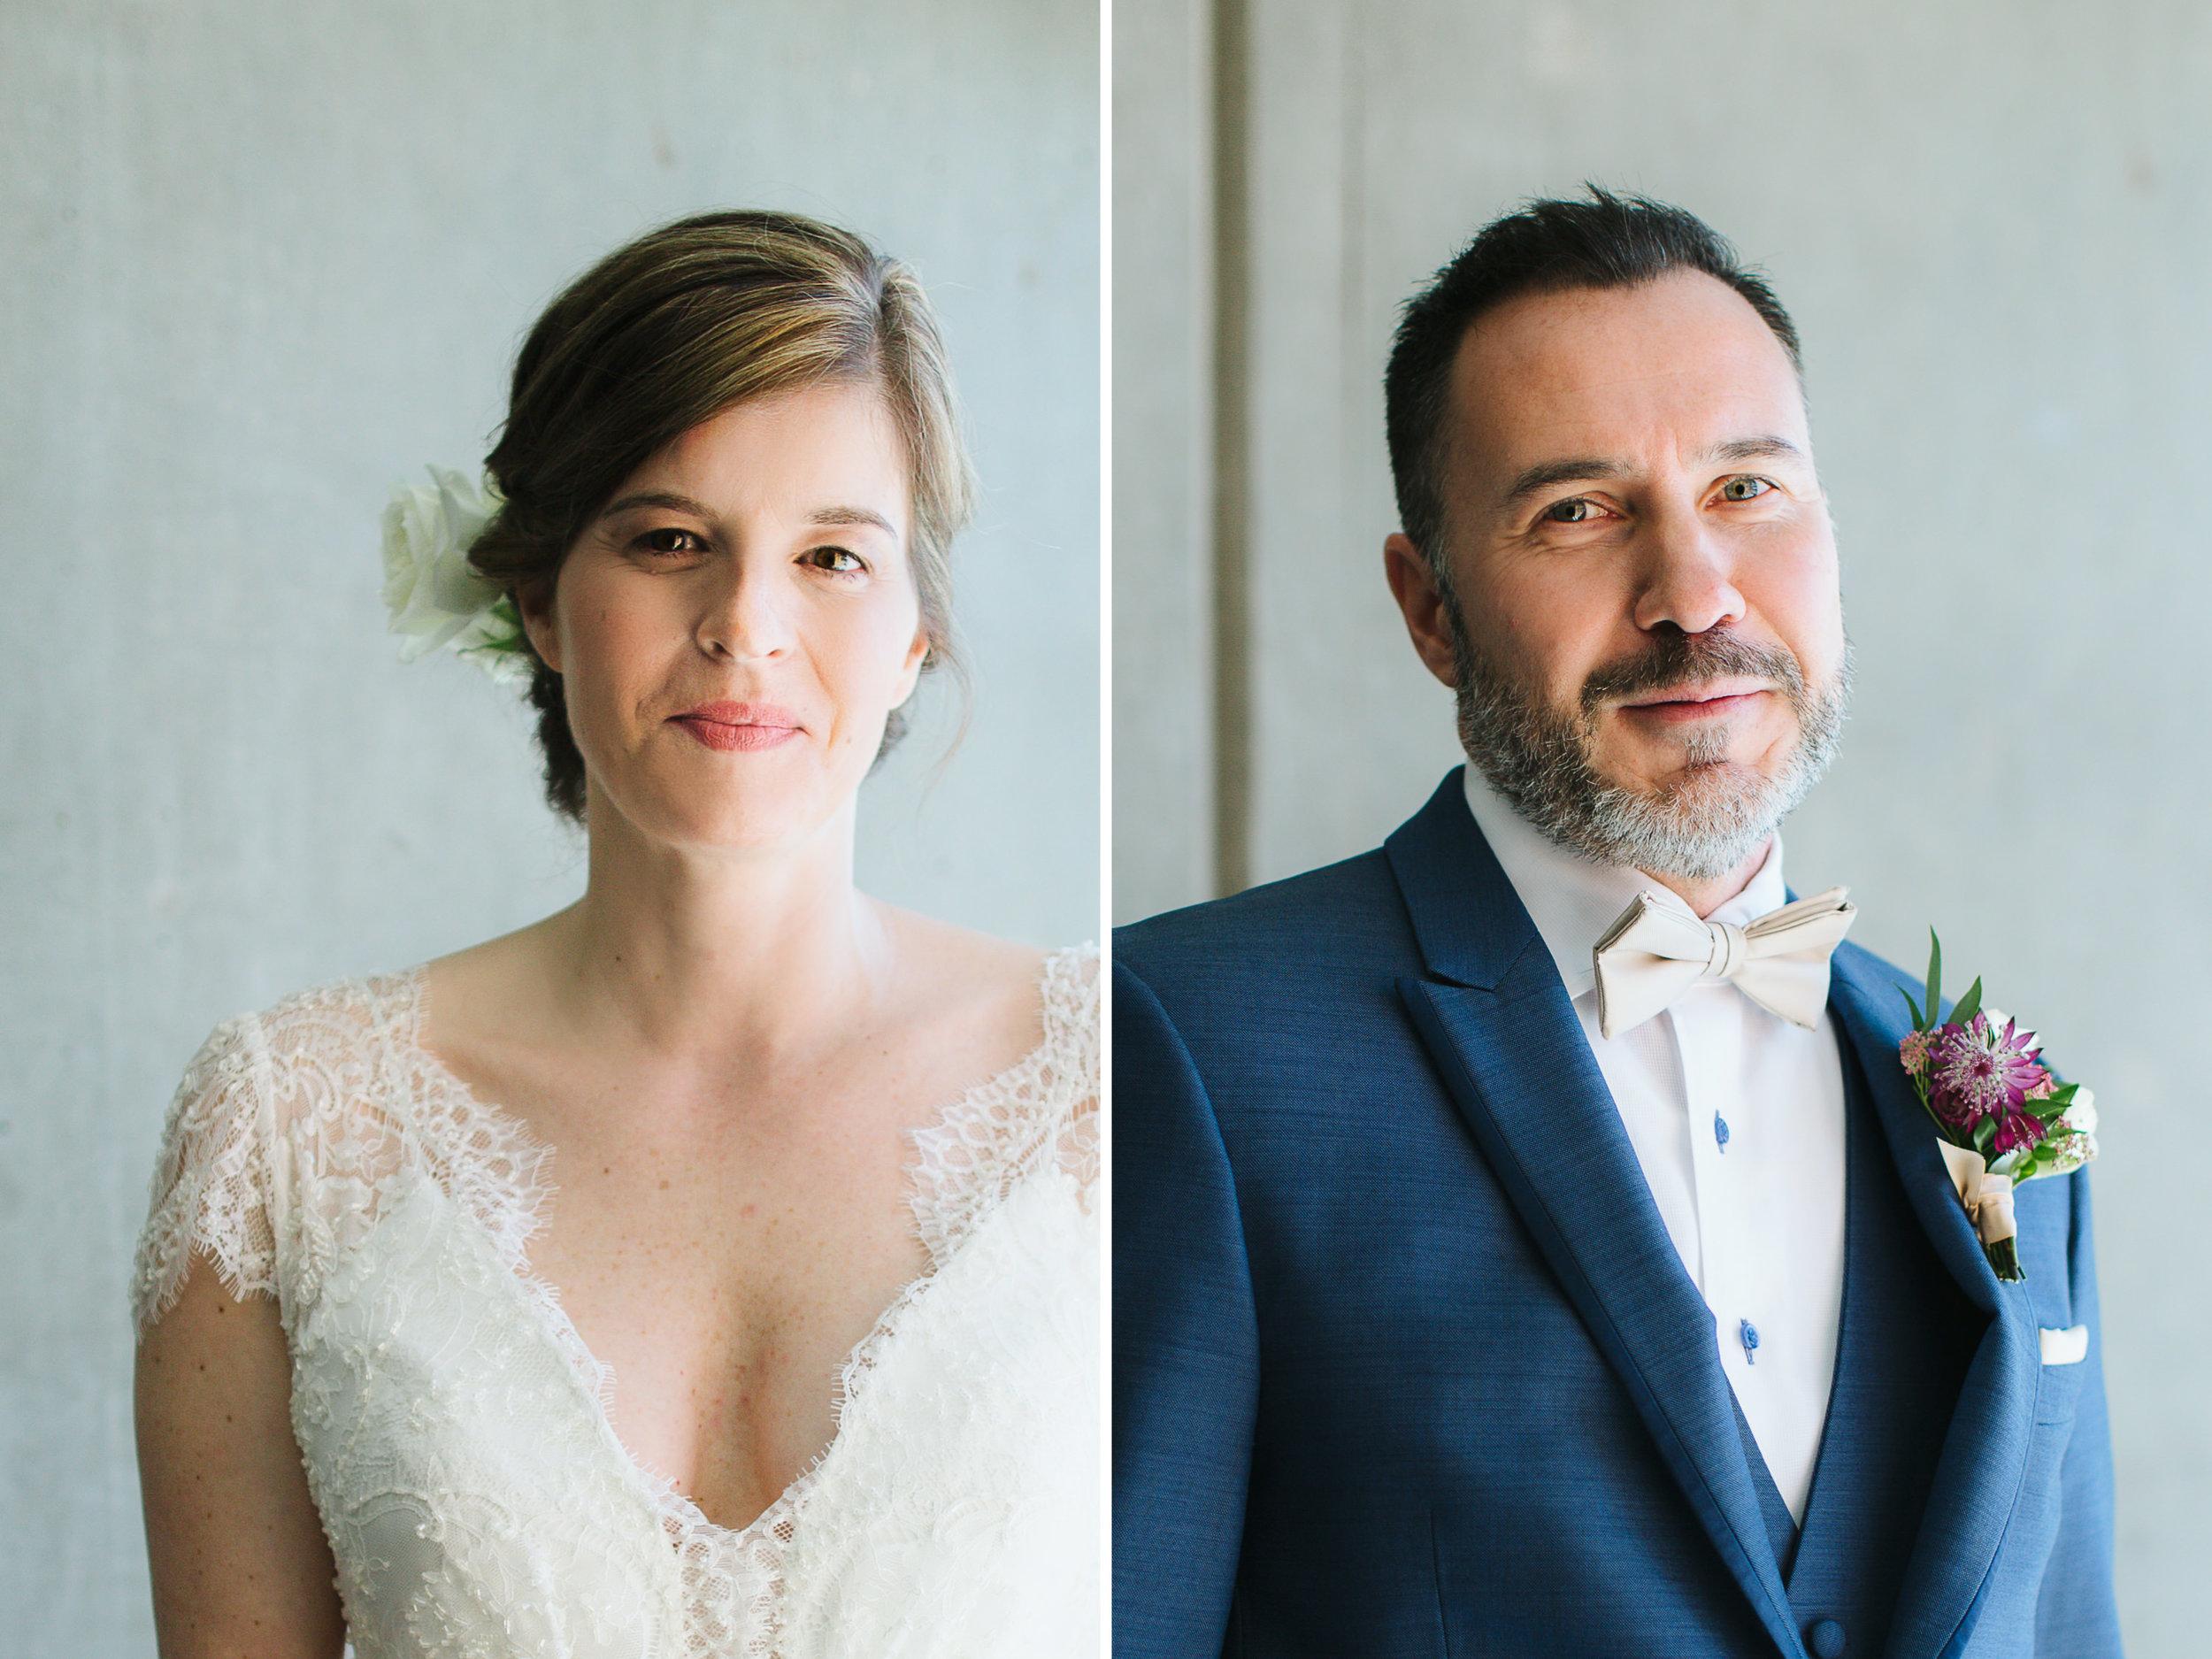 National-Whitewater-Center-Wedding-02.jpg